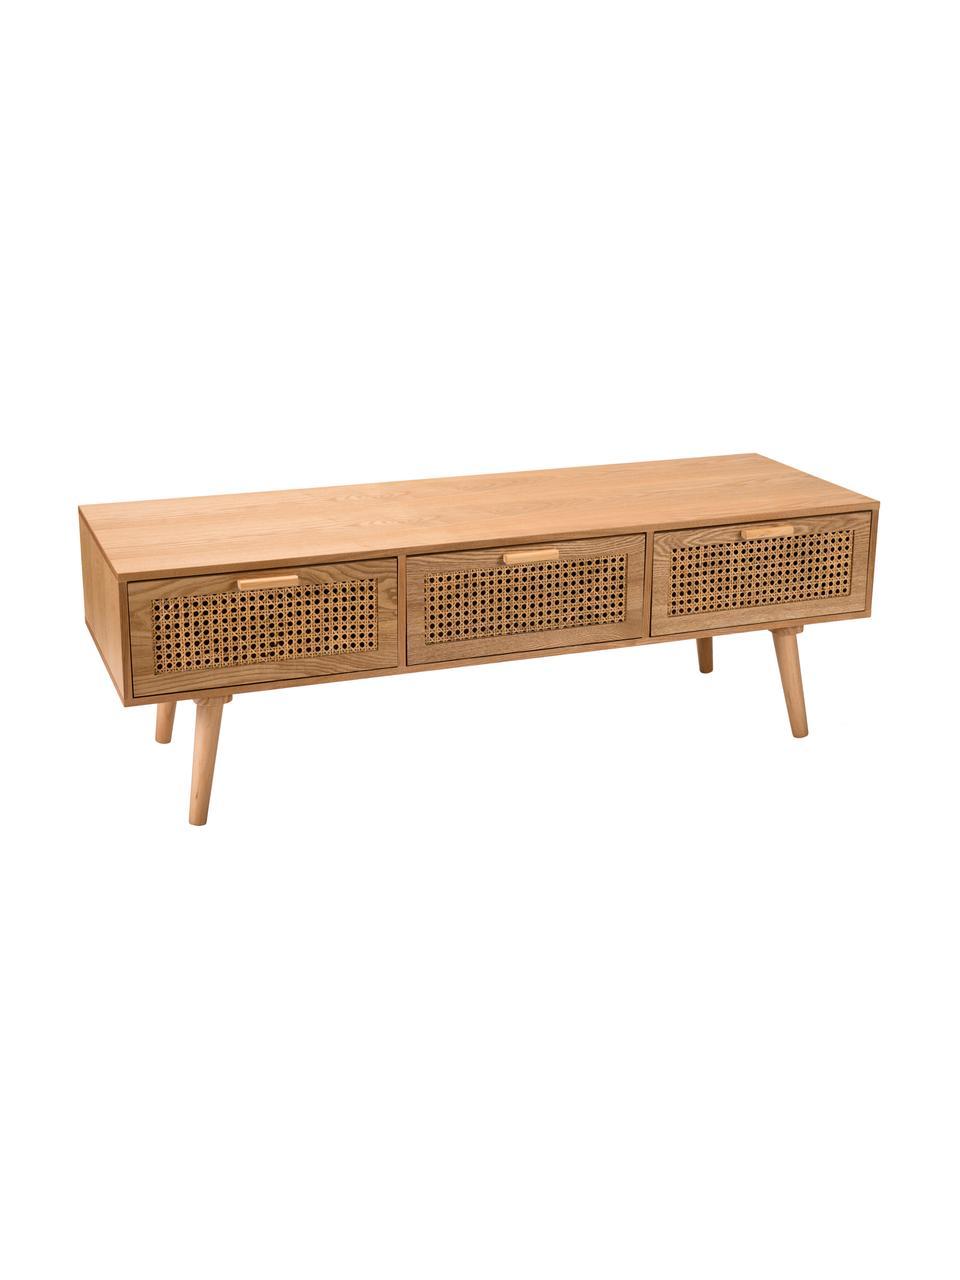 TV-Lowboard Romeo aus Holz mit Wiener Geflecht, Front: Rohrgeflecht, Korpus: Mitteldichte Holzfaserpla, Eschenholz, 120 x 40 cm